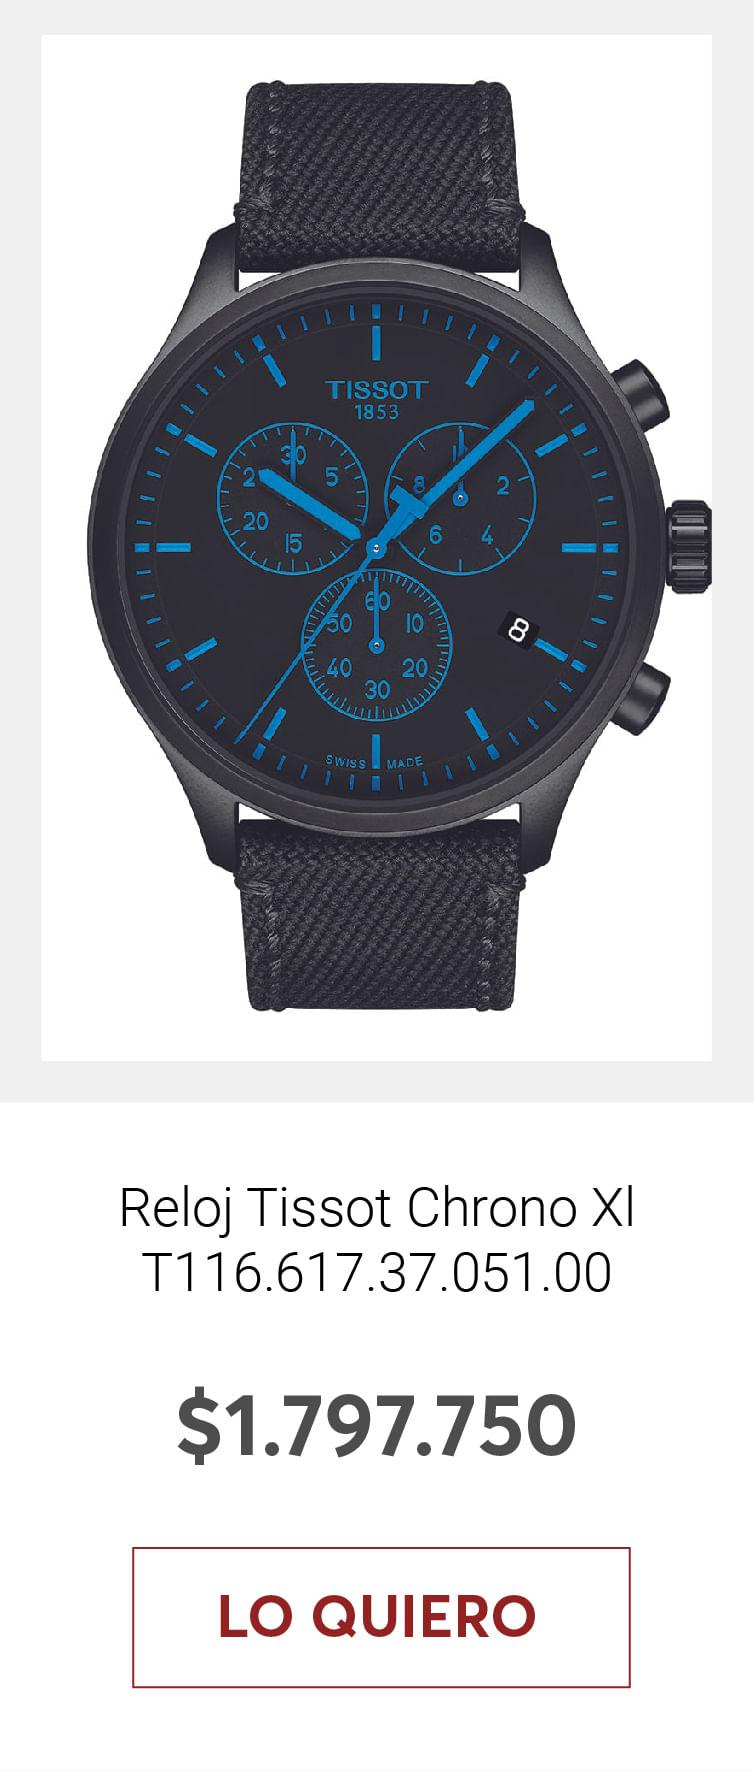 Reloj Tissot Chrono Xl T116.617.37.051.00